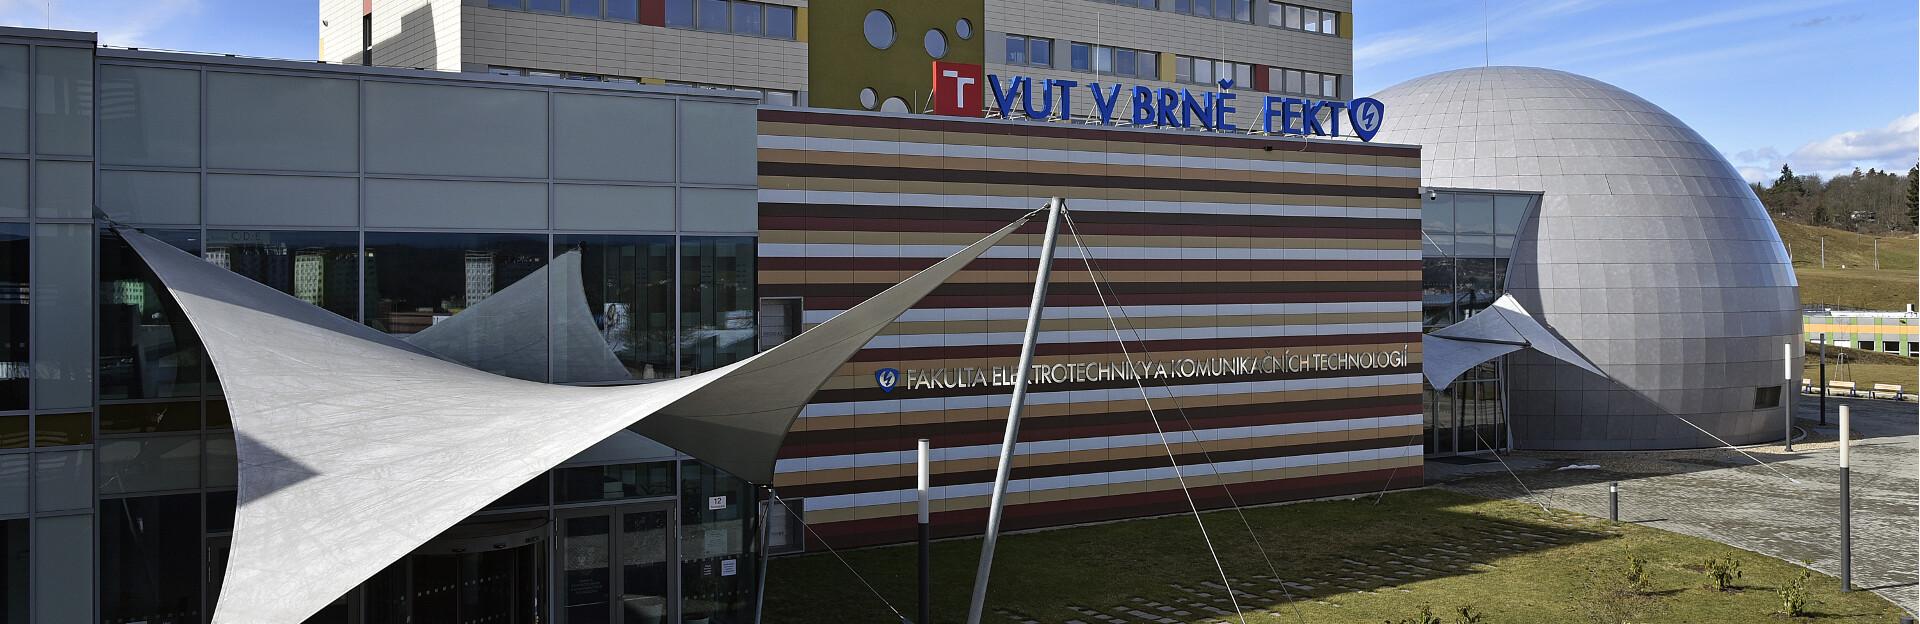 Fakulta elektrotechniky akomunikačních technologií (FEKTVUT)